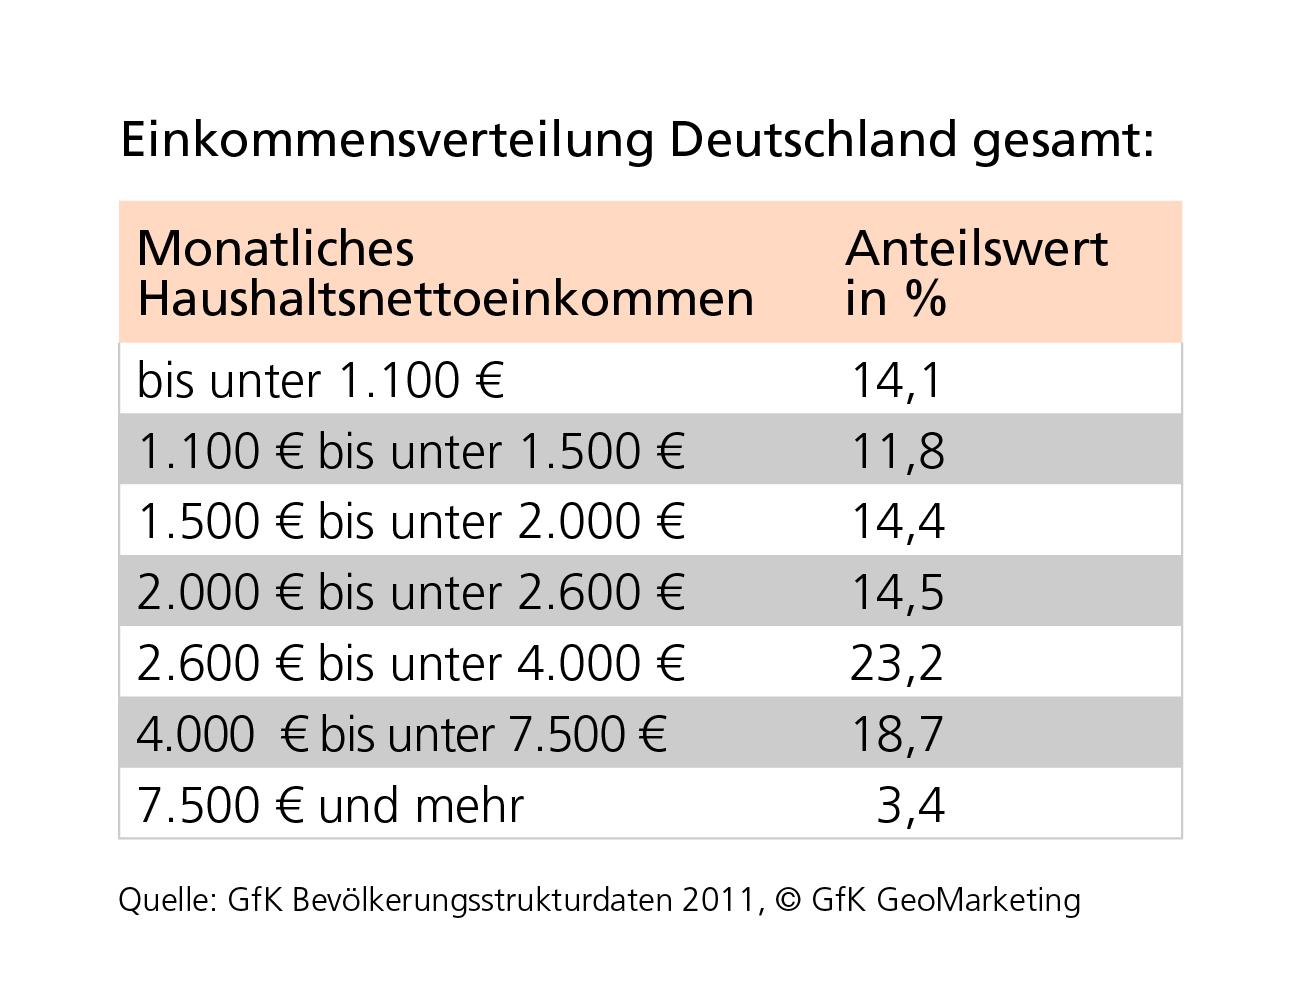 Einkommensverteilung Deutschland Rechner